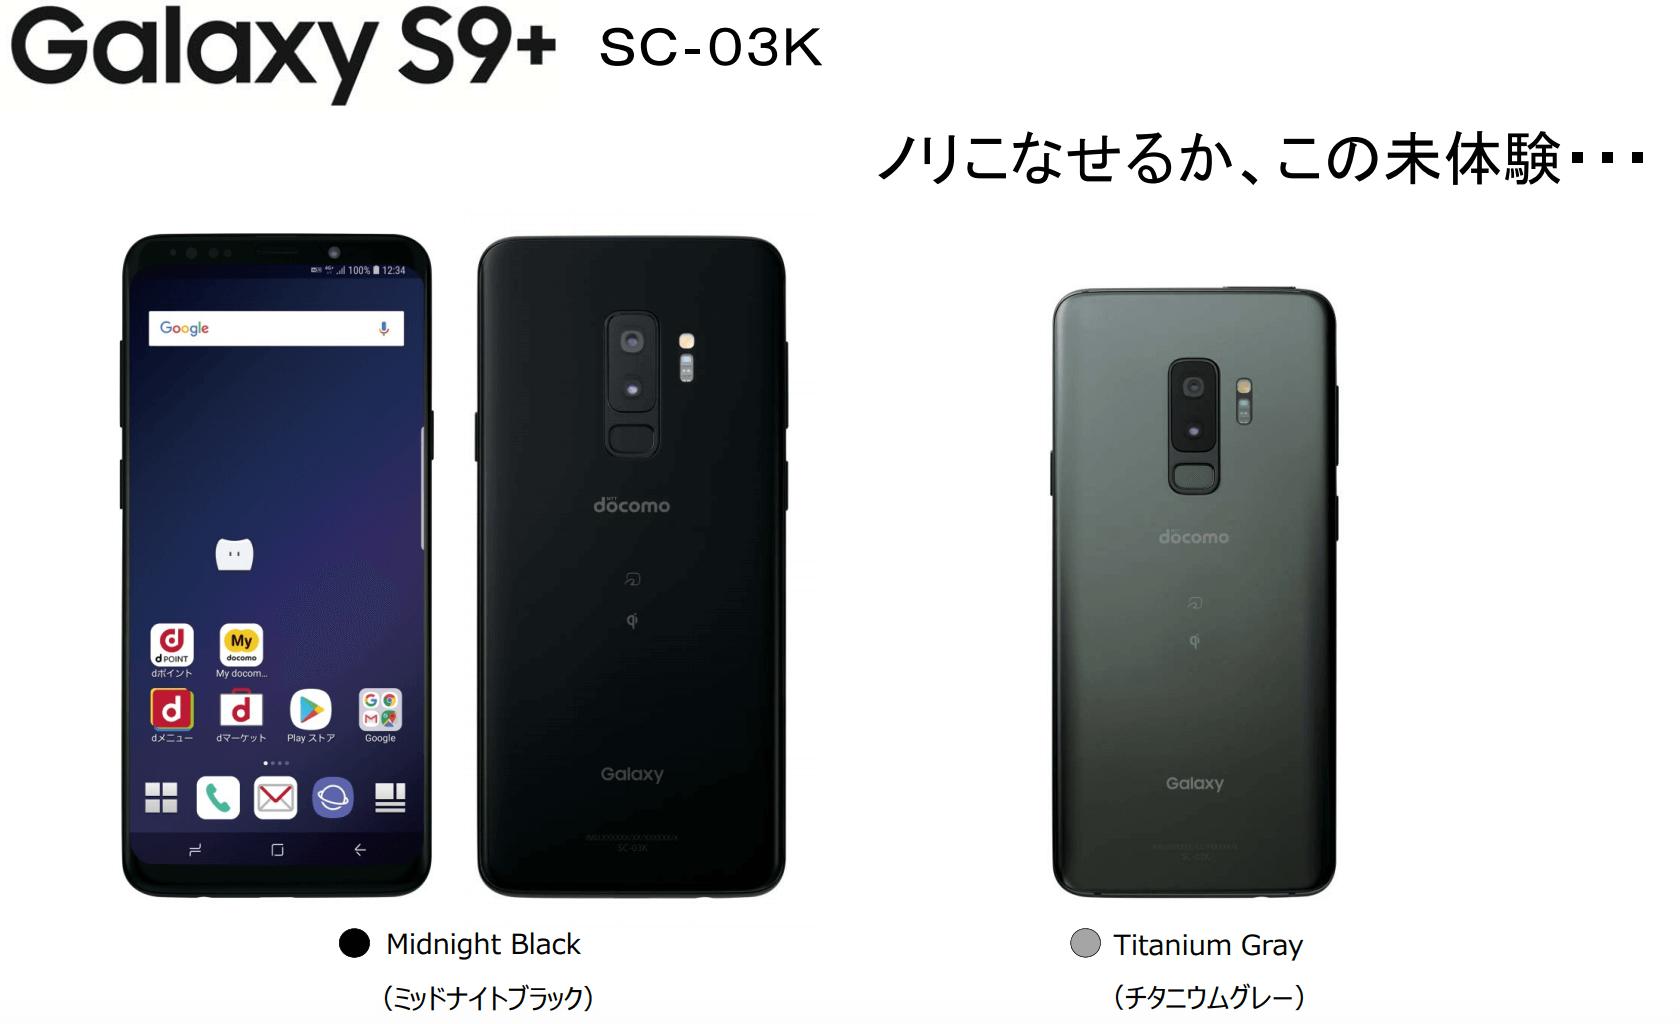 ドコモ2018年夏モデル galaxy s9+